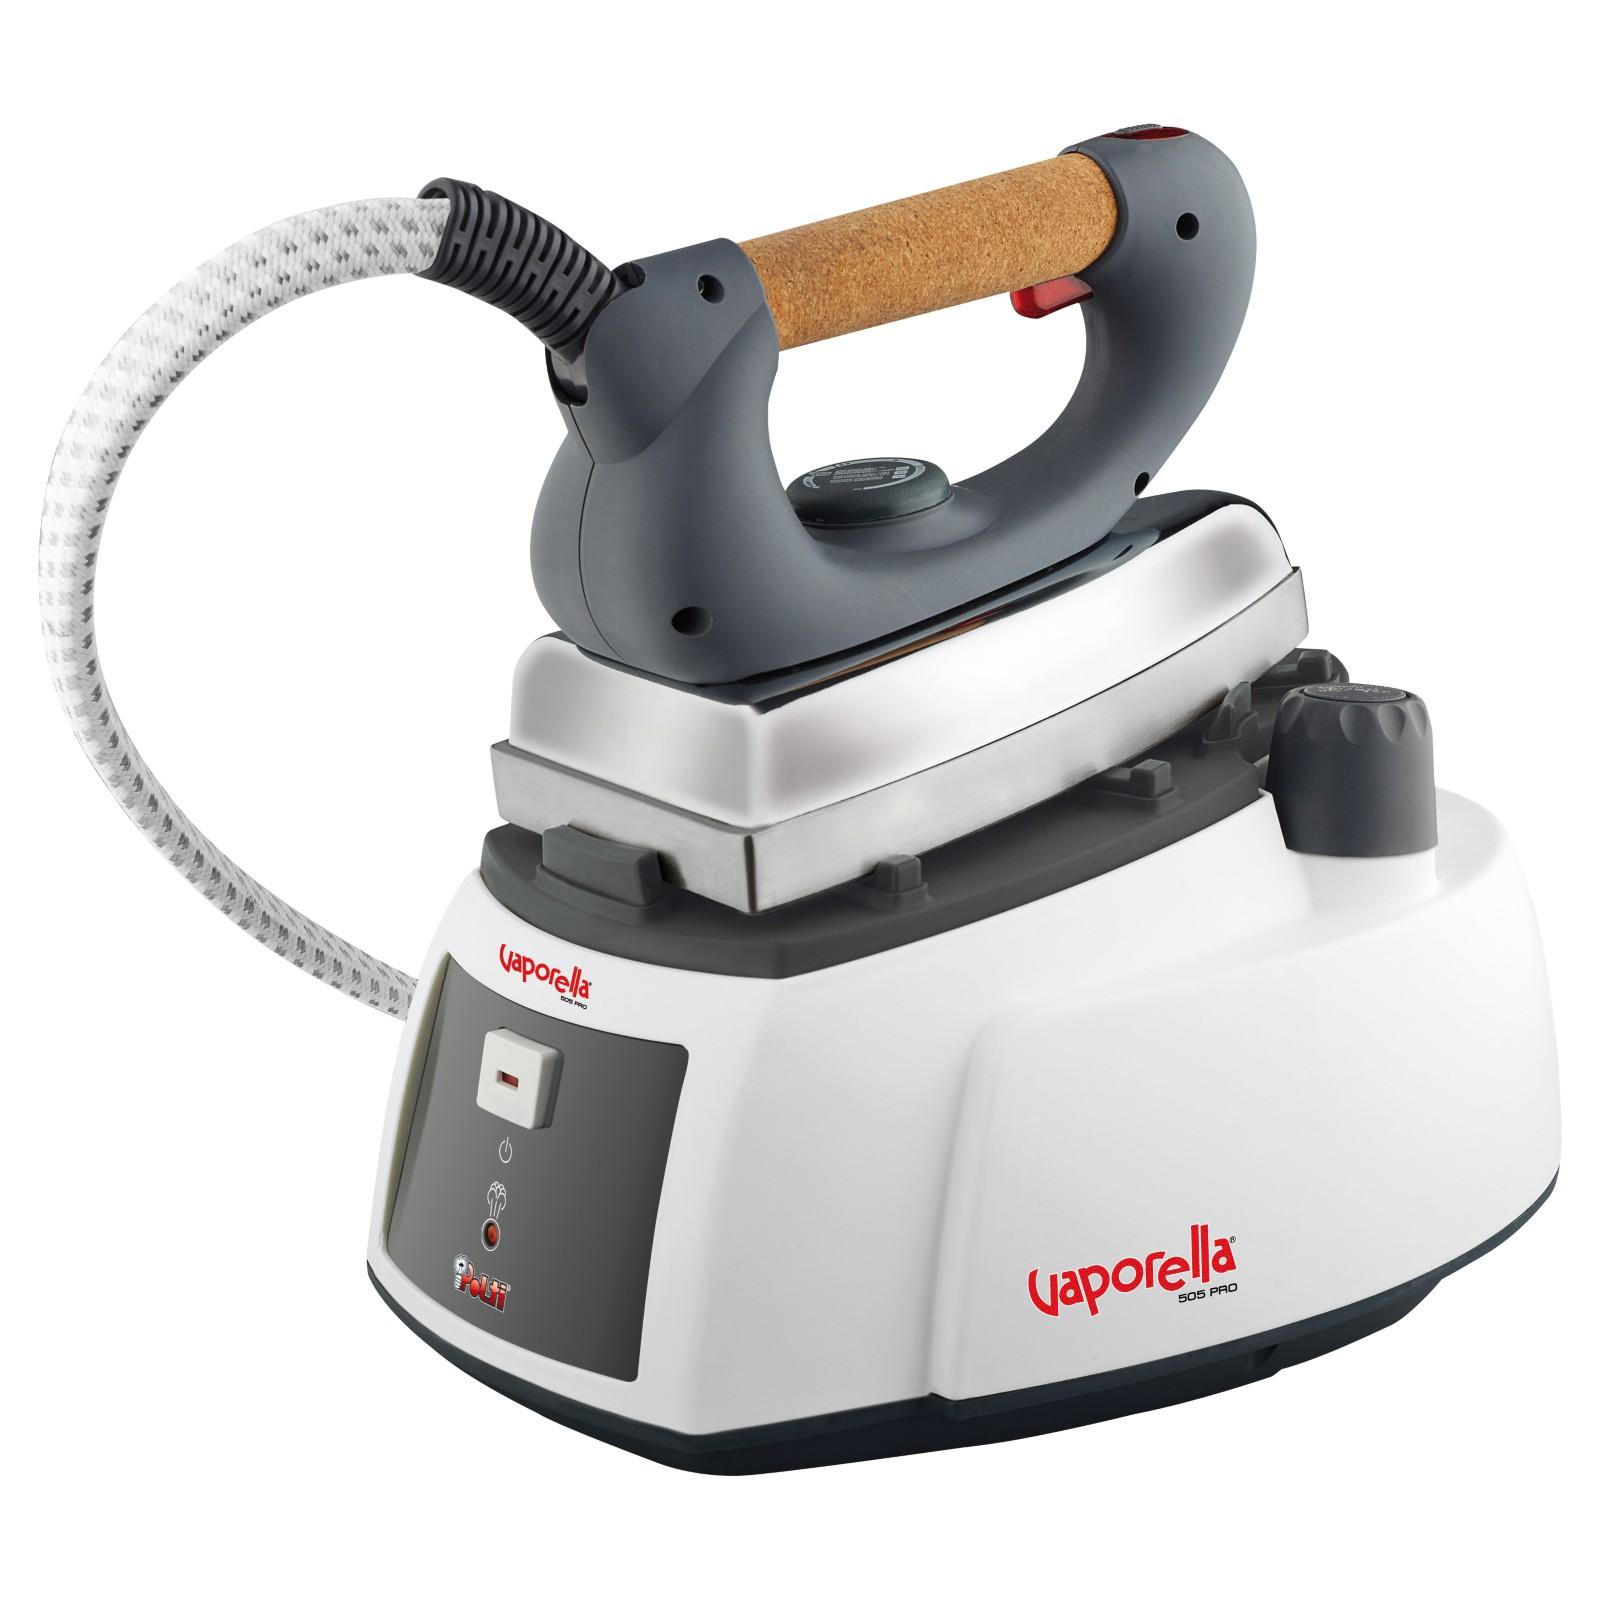 Polti Vaporella 505 Pro Steam Generator Iron